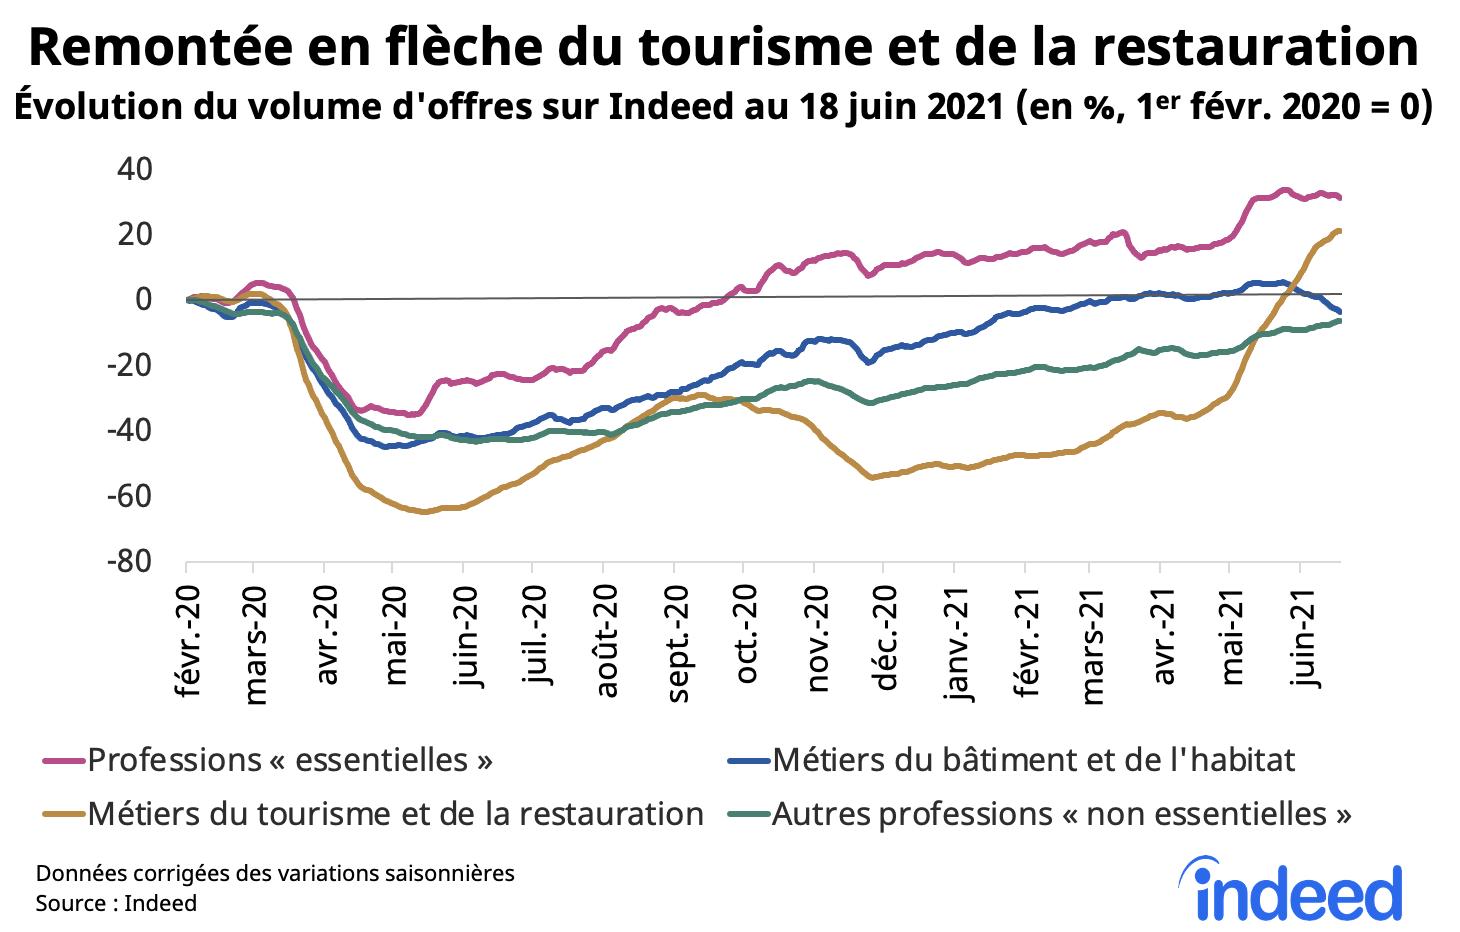 Le graphique en courbes illustre la reprise des recrutements en France dans différents secteurs et l'évolution, en pourcentage, du volume d'offres au 18 juin 2021.